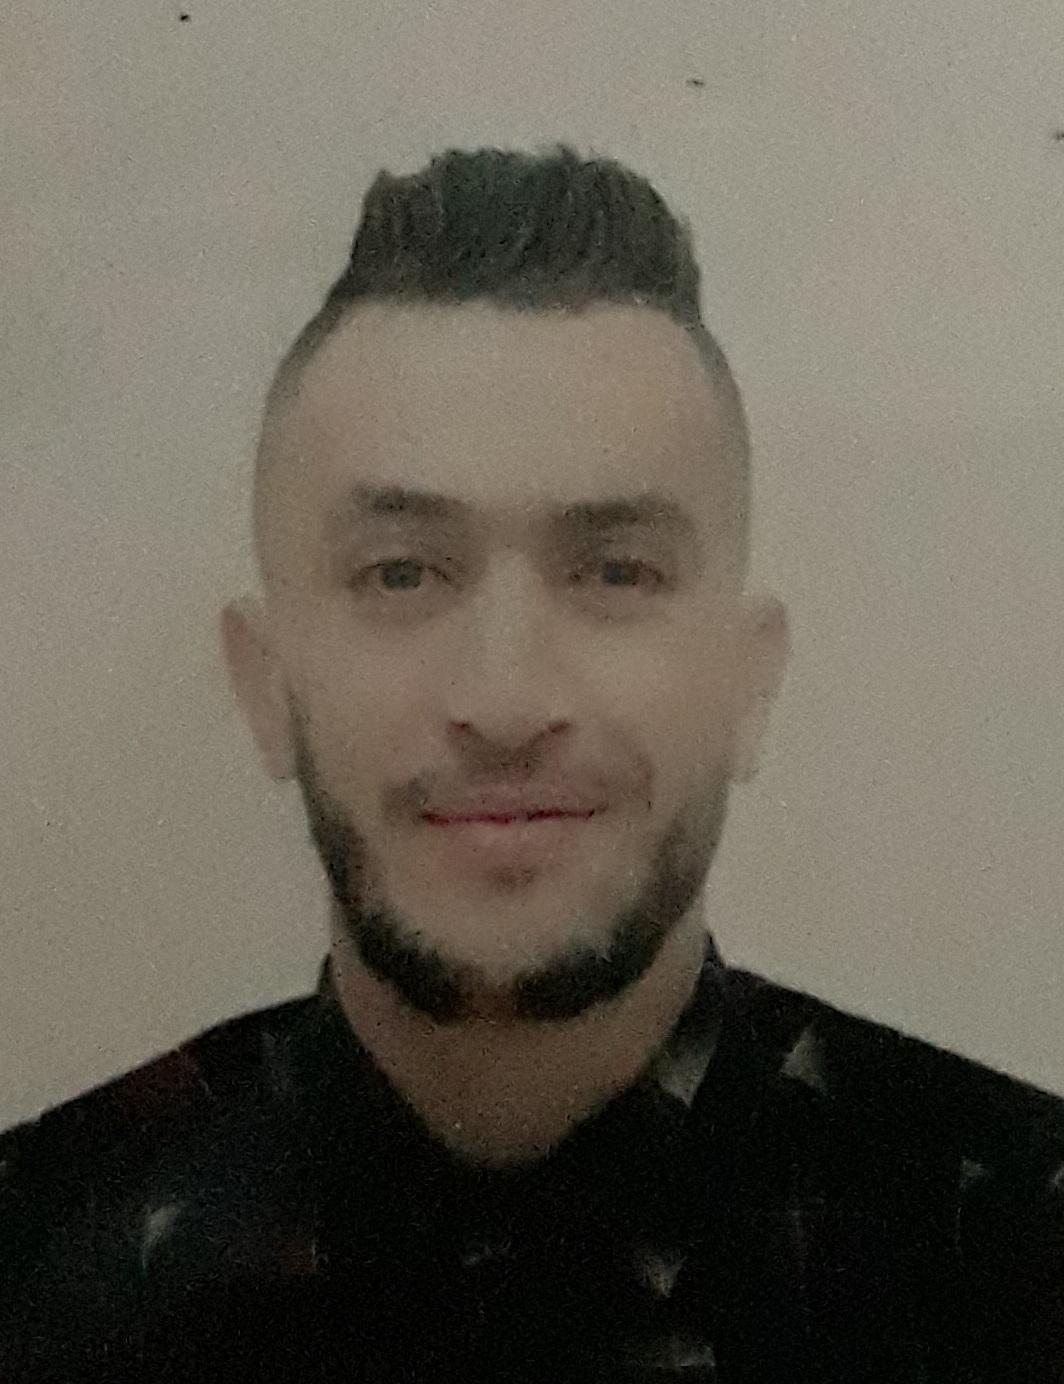 Mohamed Oussama BOUABDELLI